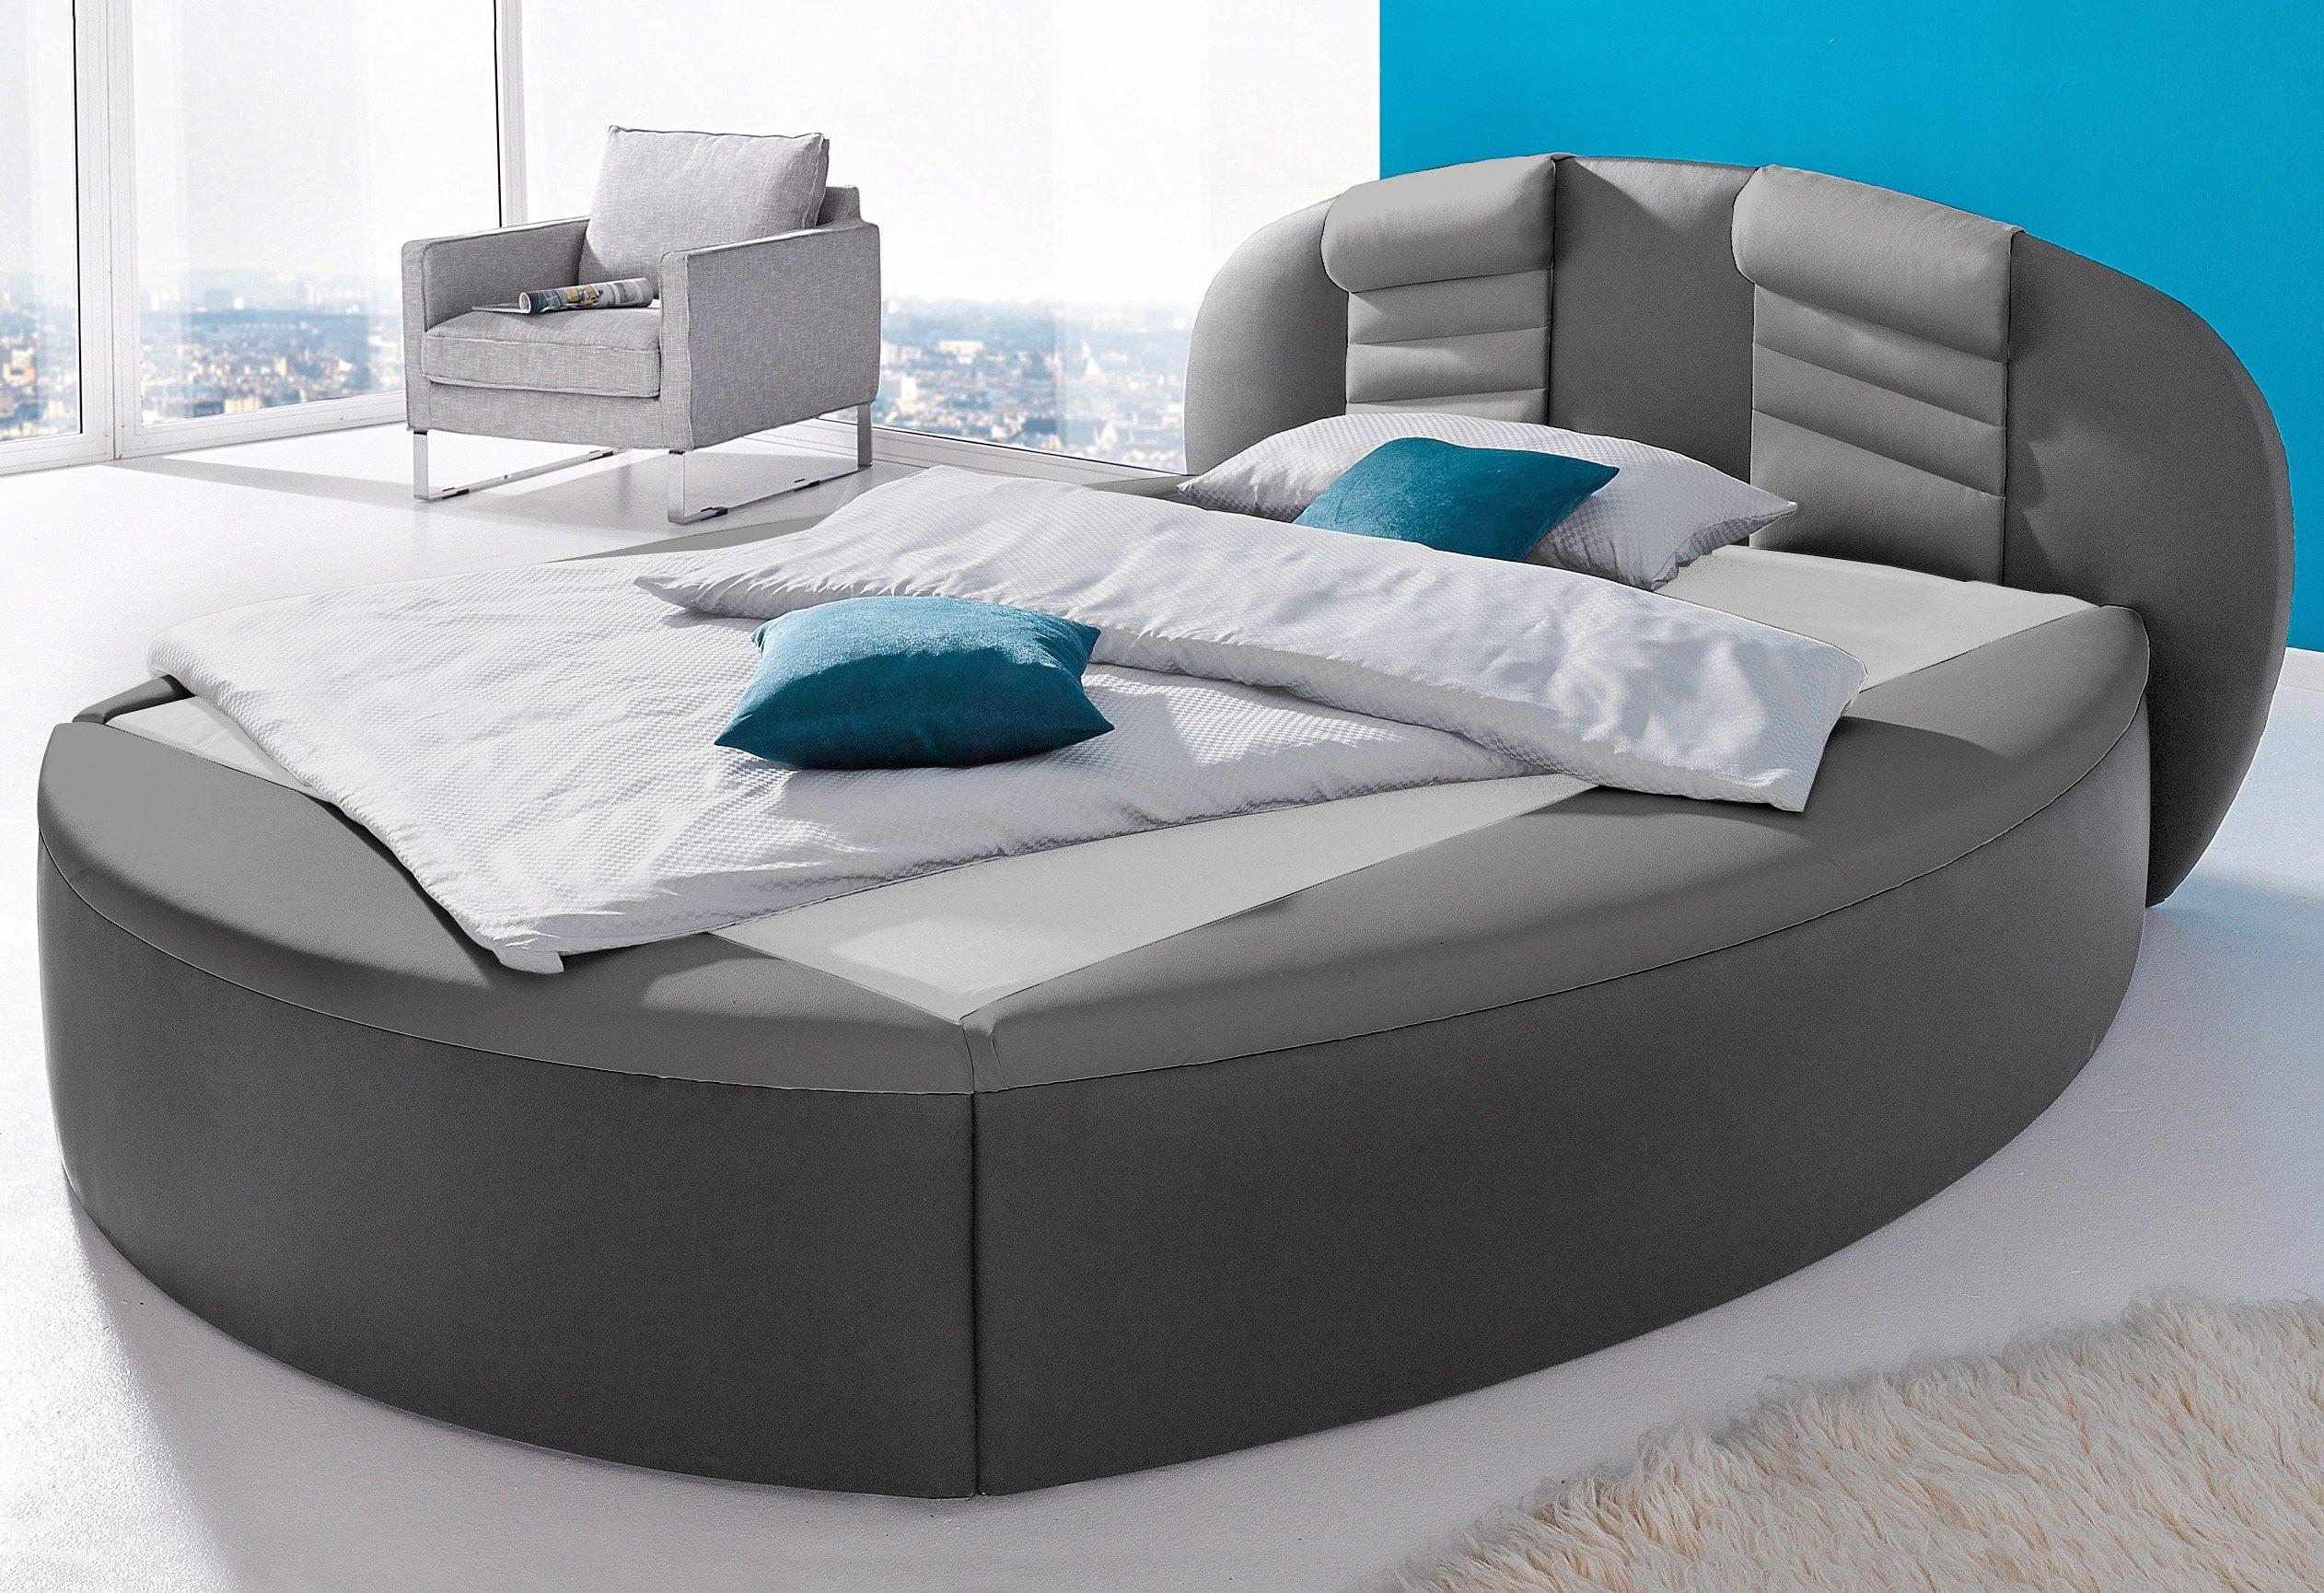 Westfalia Schlafkomfort Rundbett | Schlafzimmer > Betten > Rundbetten | Westfalia Schlafkomfort